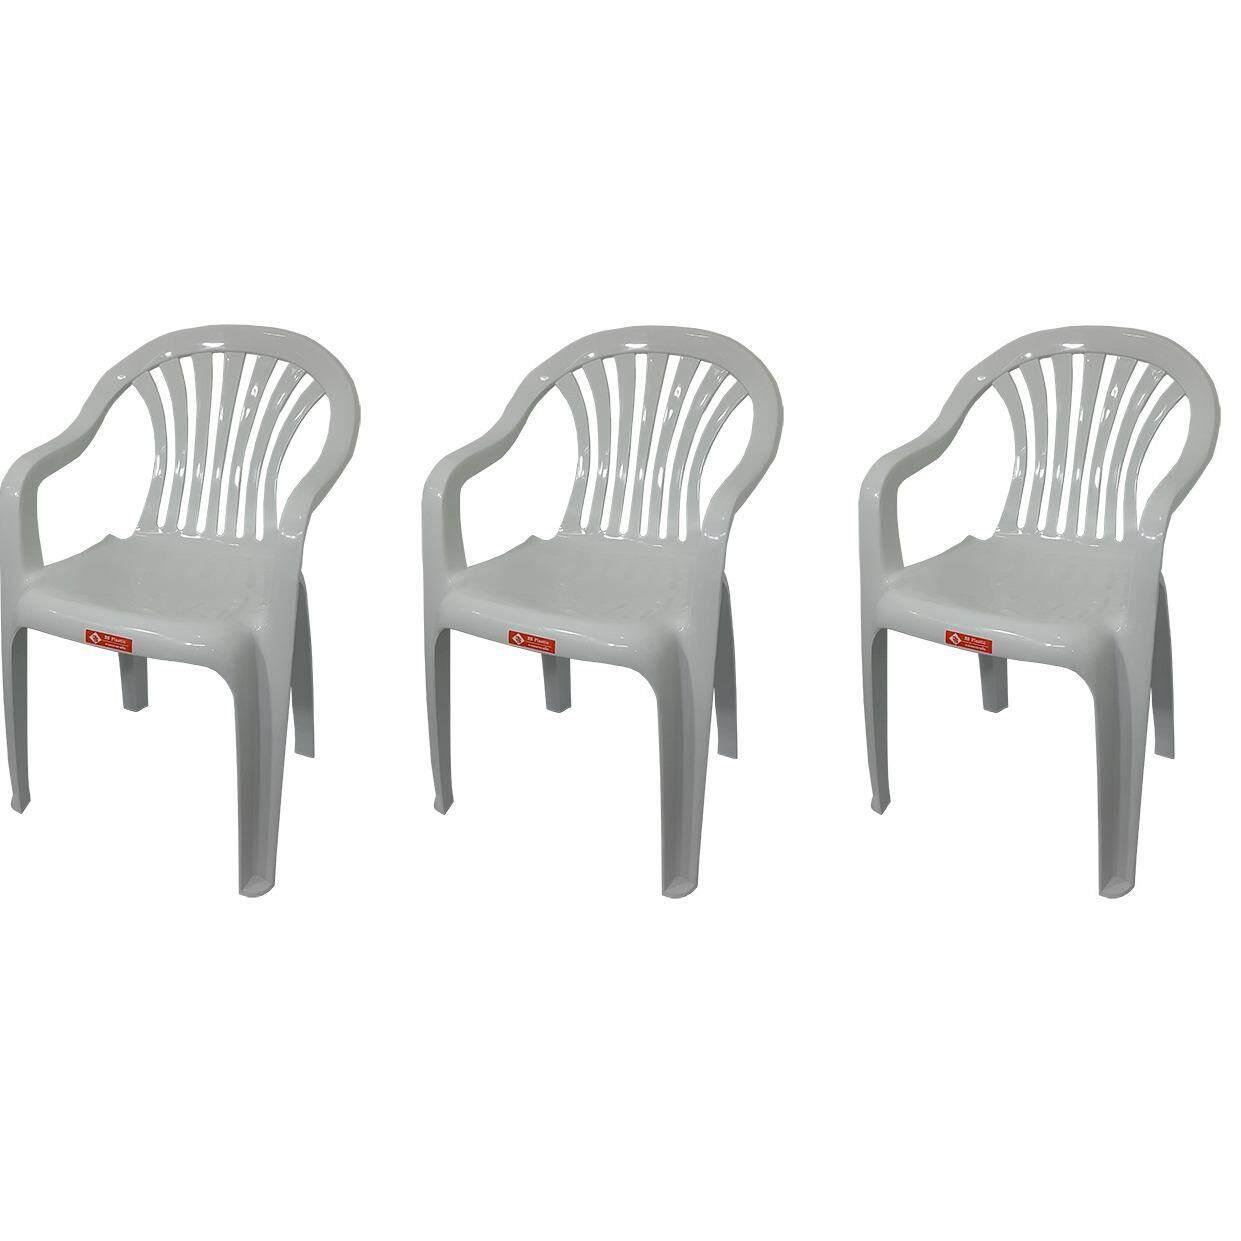 เก้าอี้สนาม มีพนักพิง และ ที่เท้าแขน รุ่น 999 สีขาวอมเทา แพ็ค3ตัว ใน กรุงเทพมหานคร